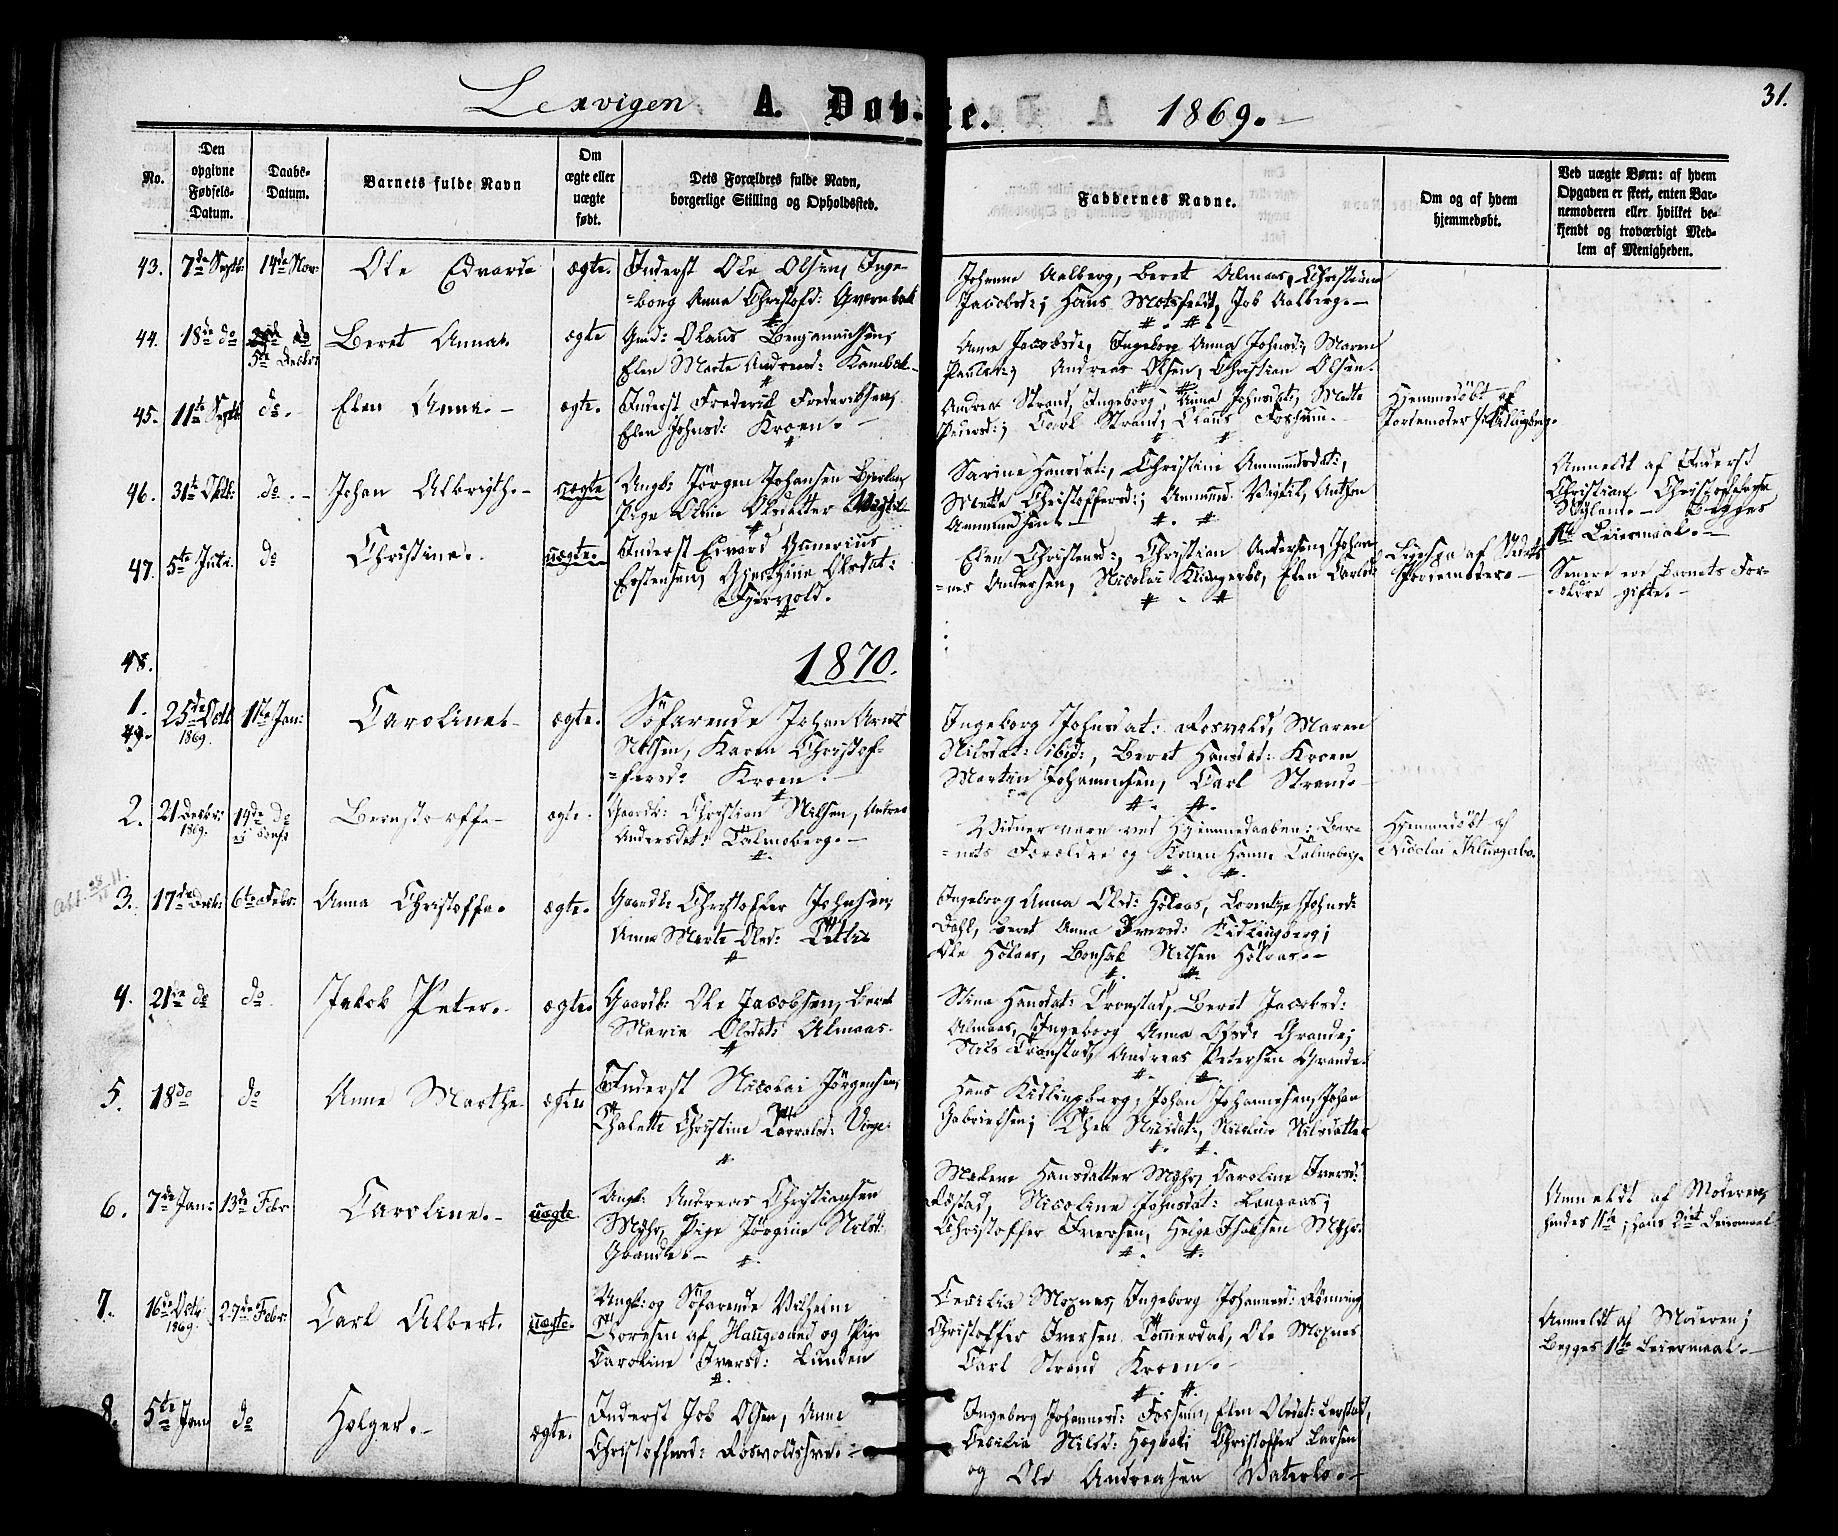 SAT, Ministerialprotokoller, klokkerbøker og fødselsregistre - Nord-Trøndelag, 701/L0009: Ministerialbok nr. 701A09 /1, 1864-1882, s. 31